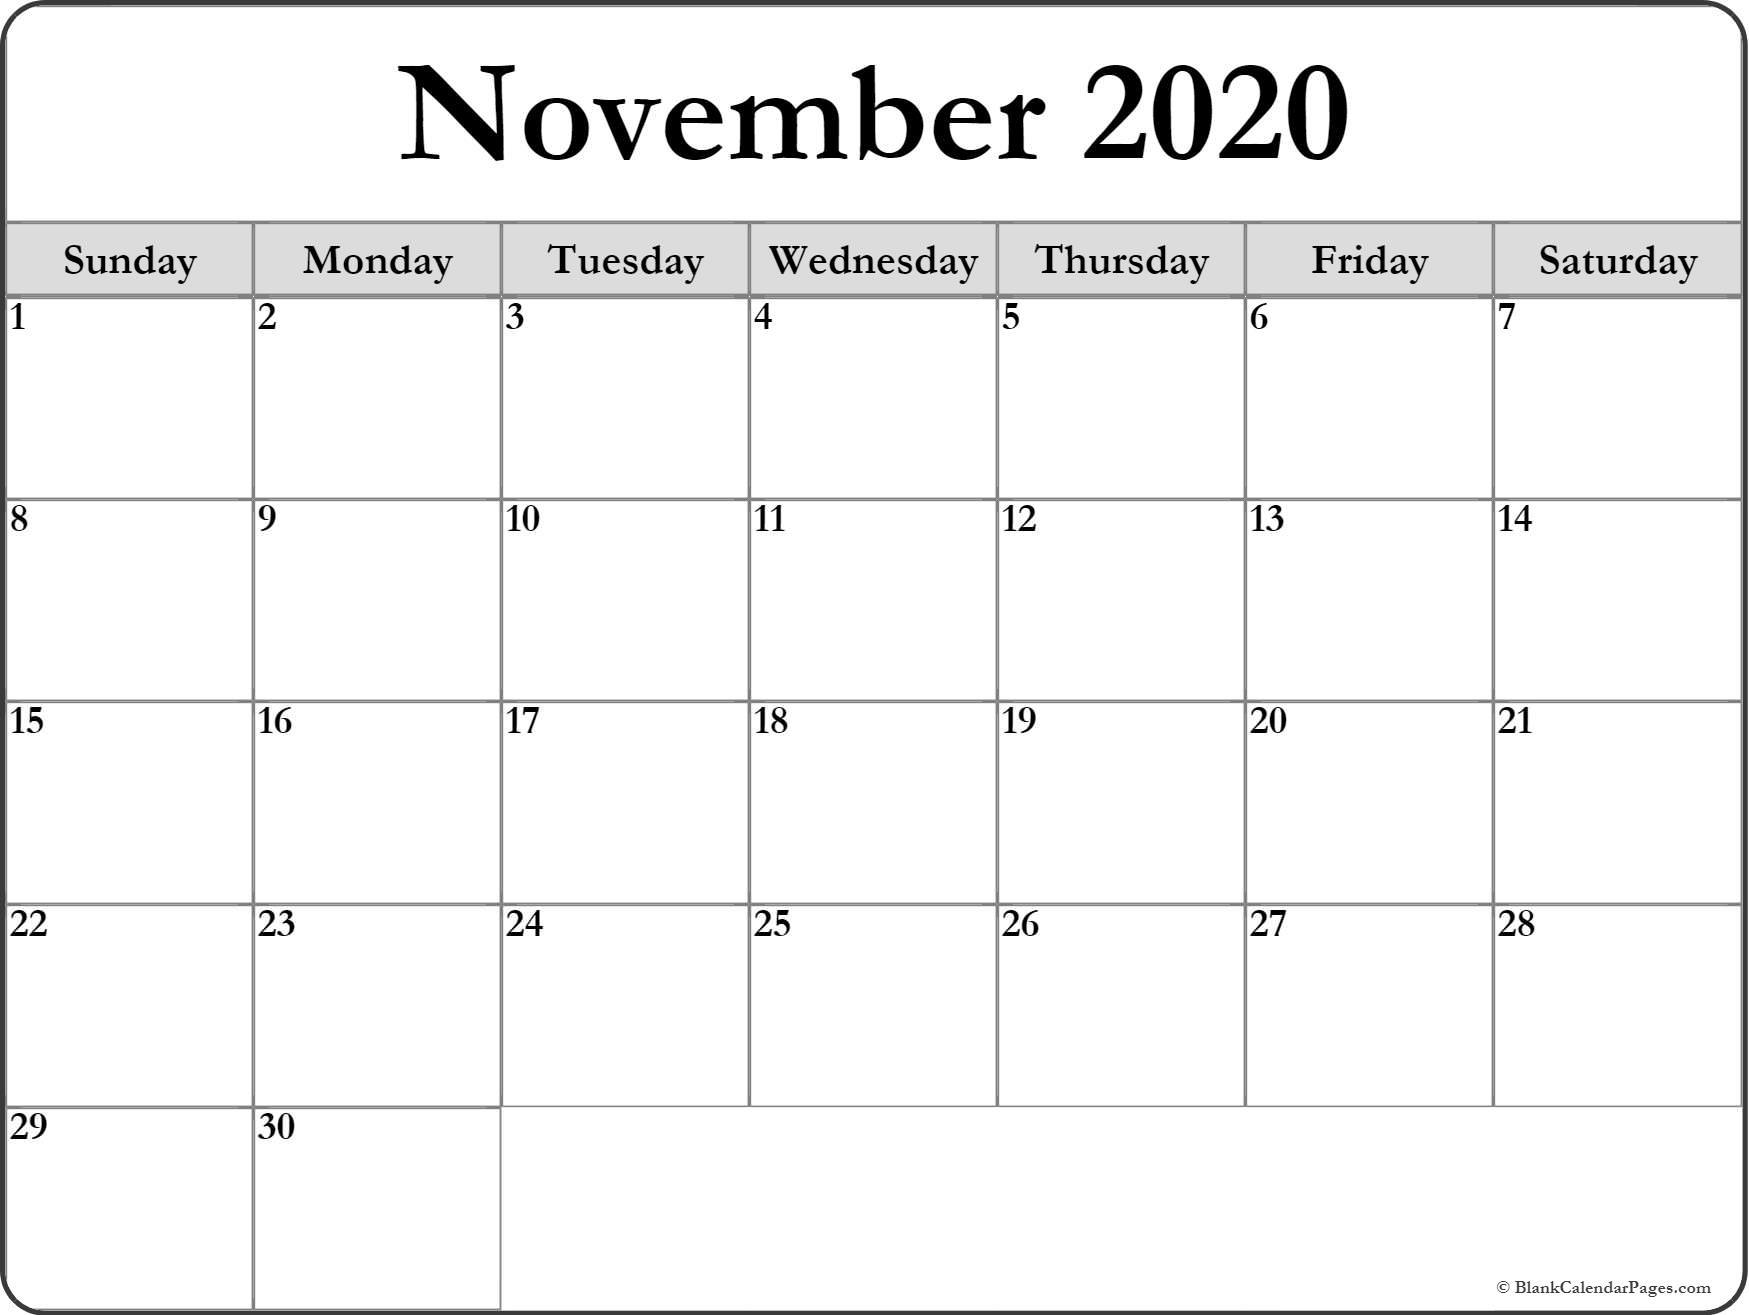 November 2020 Blank Calendar Templates.